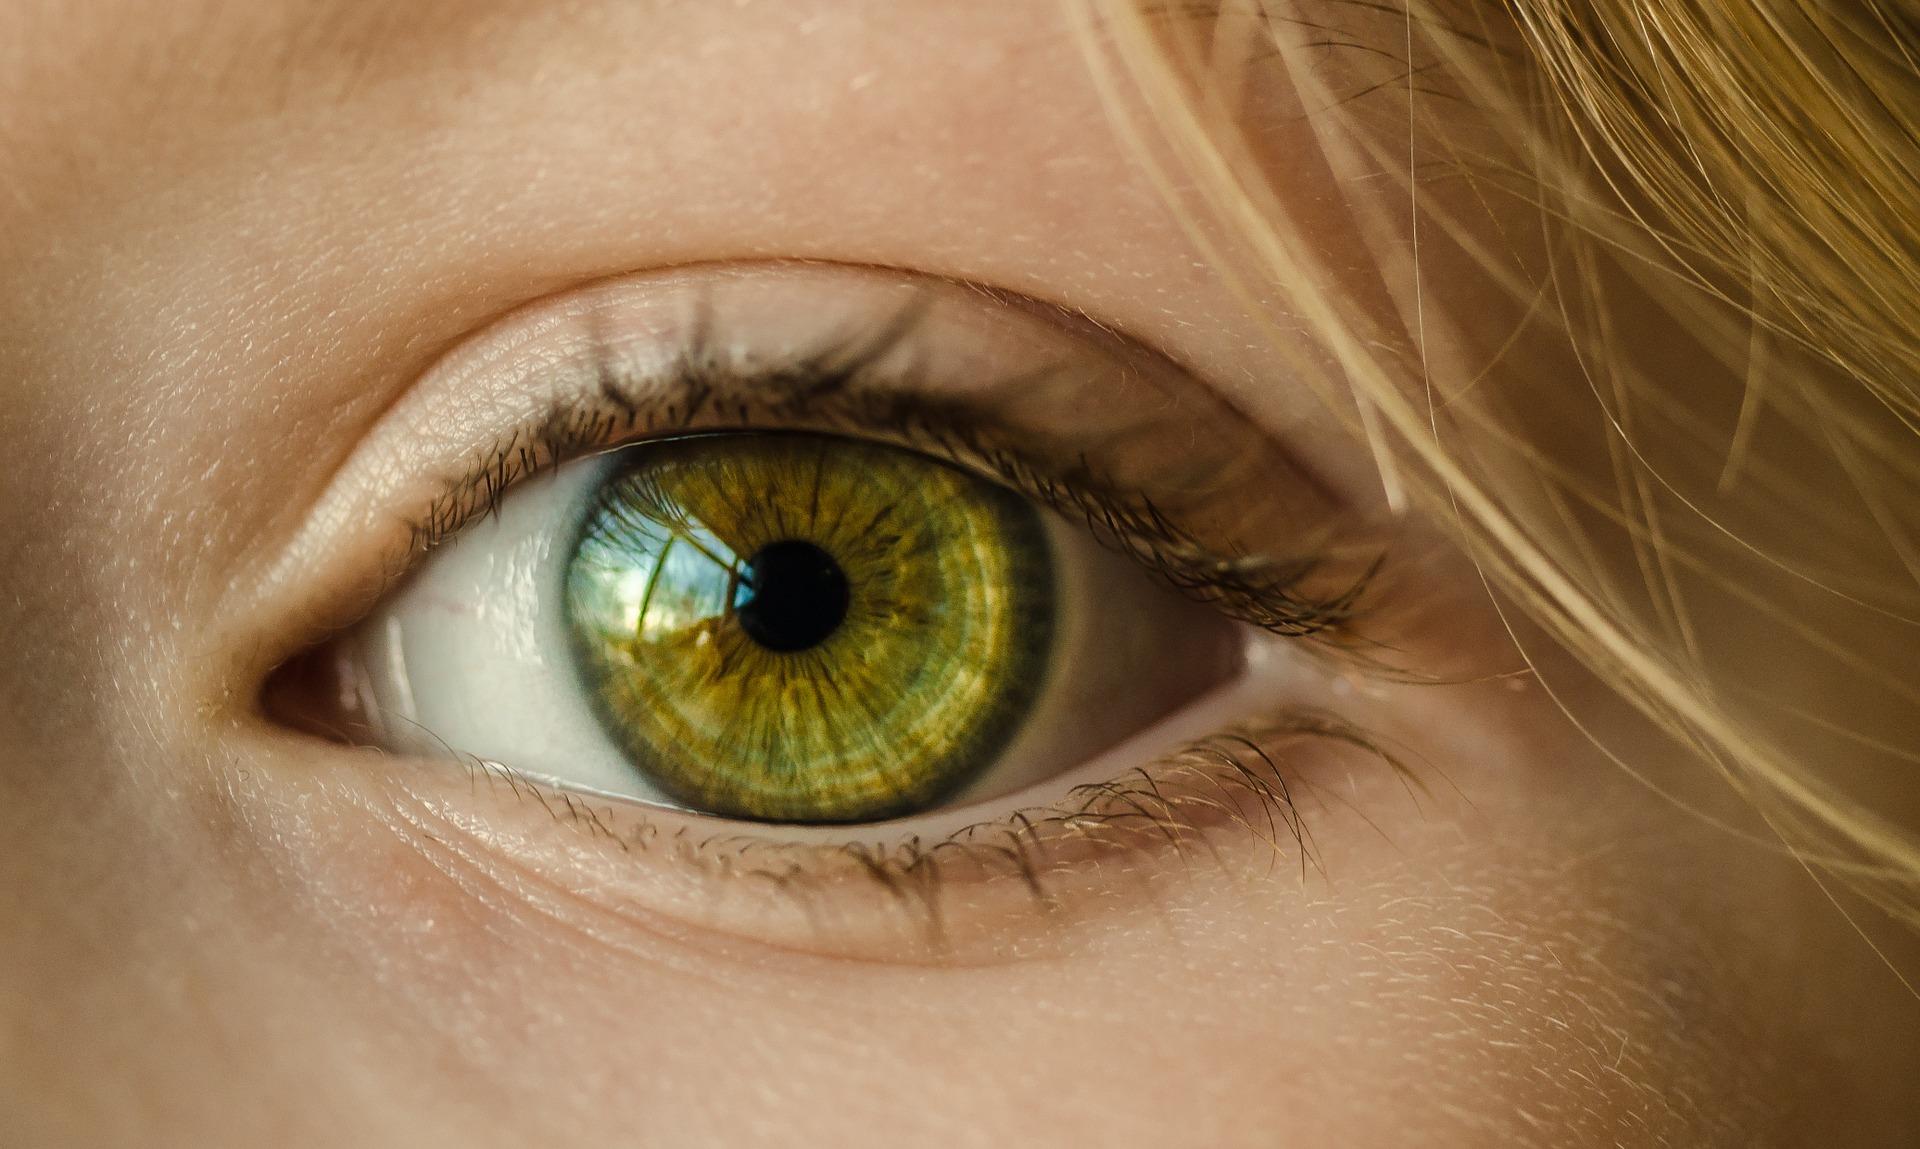 ¿Qué es el humor acuoso? - Quijada | Medicina Ocular